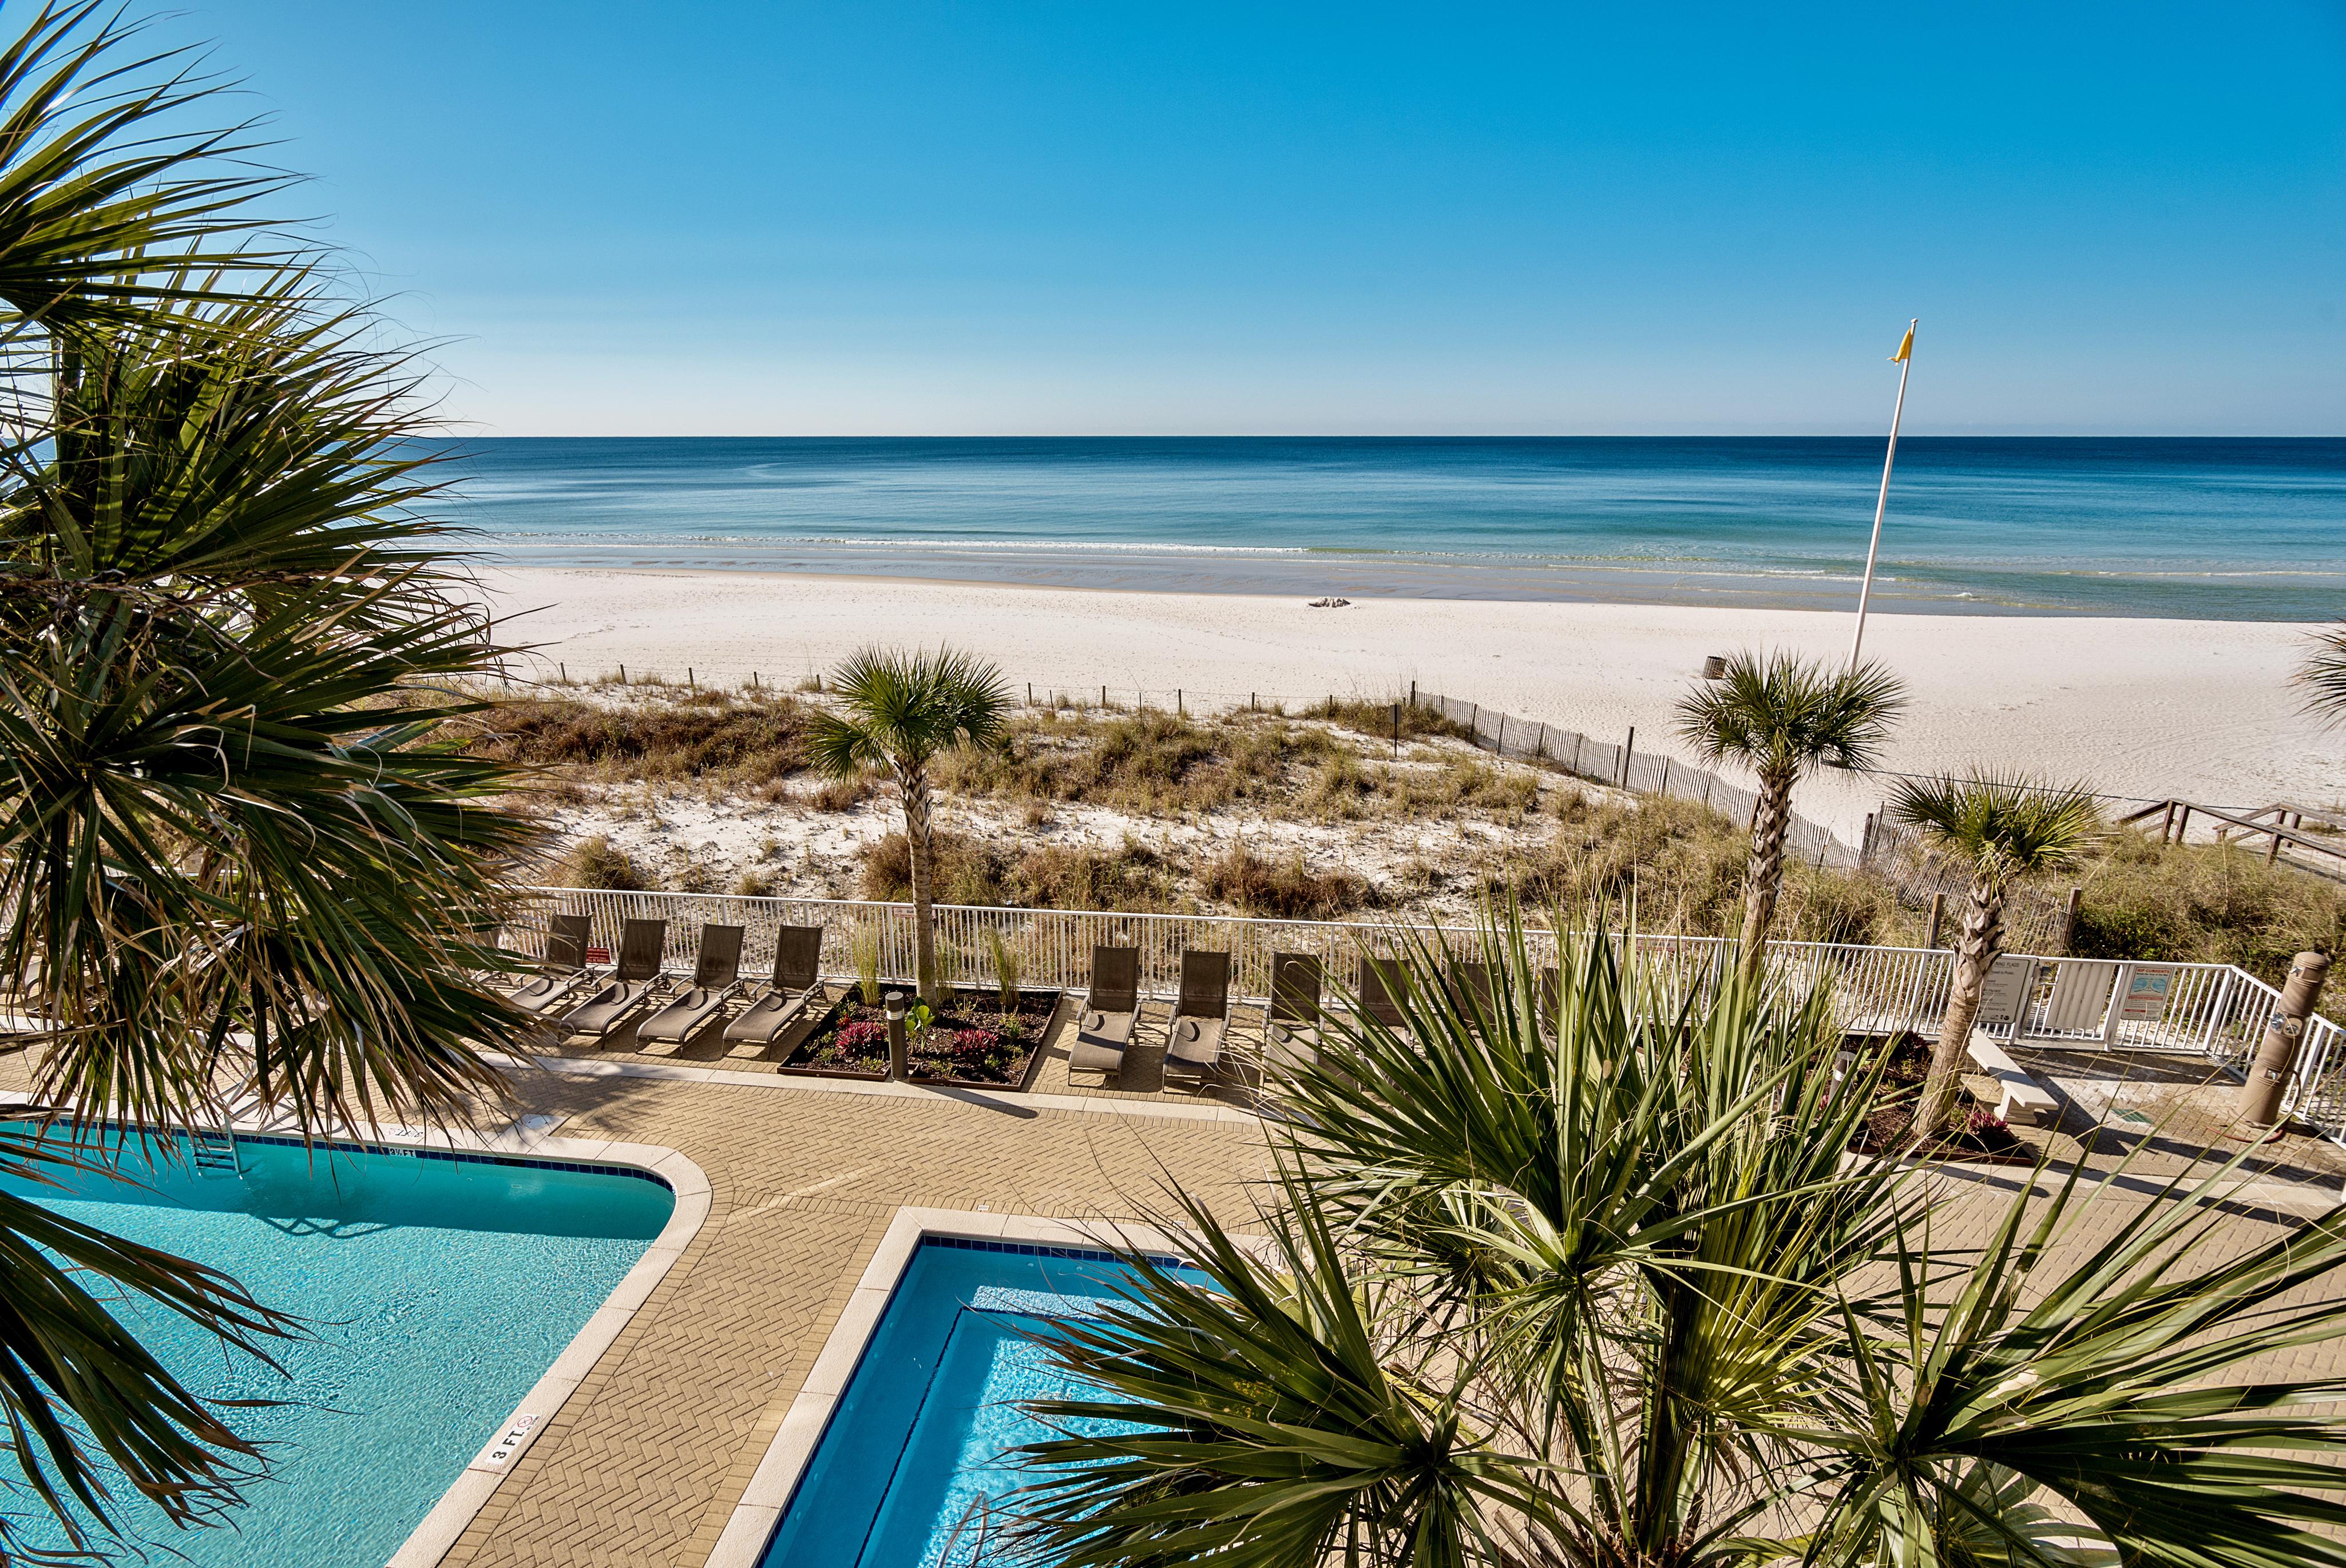 Ocean Villa Panama City Beach Condo For  Guests